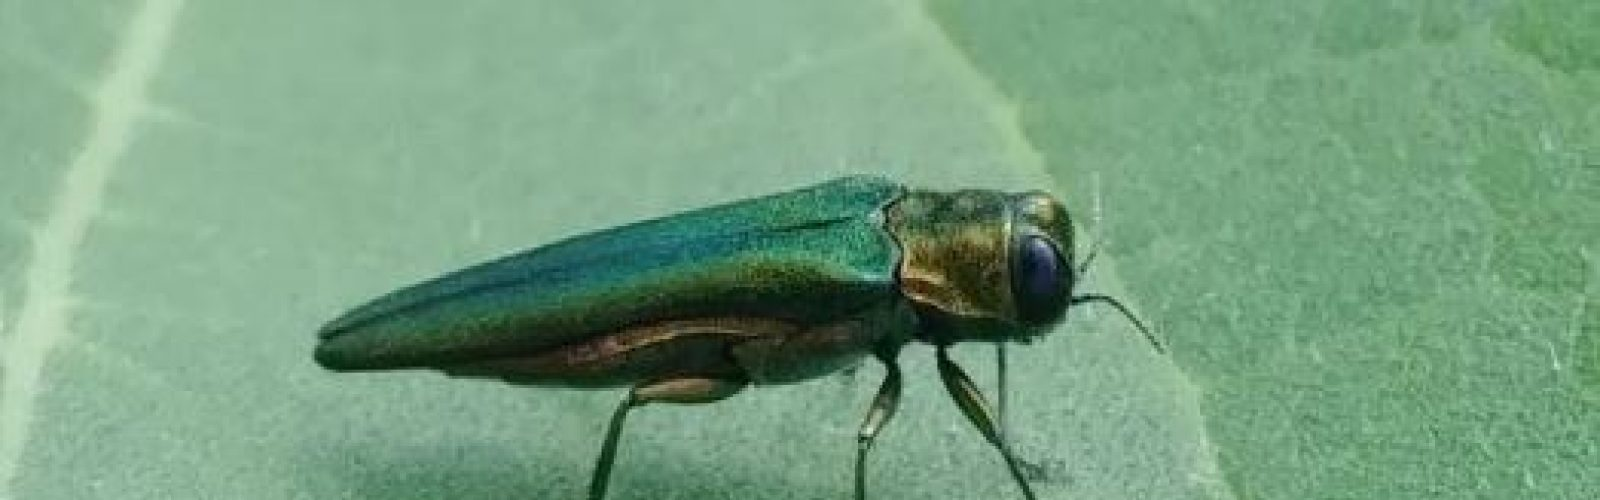 Insectary entomology leaf